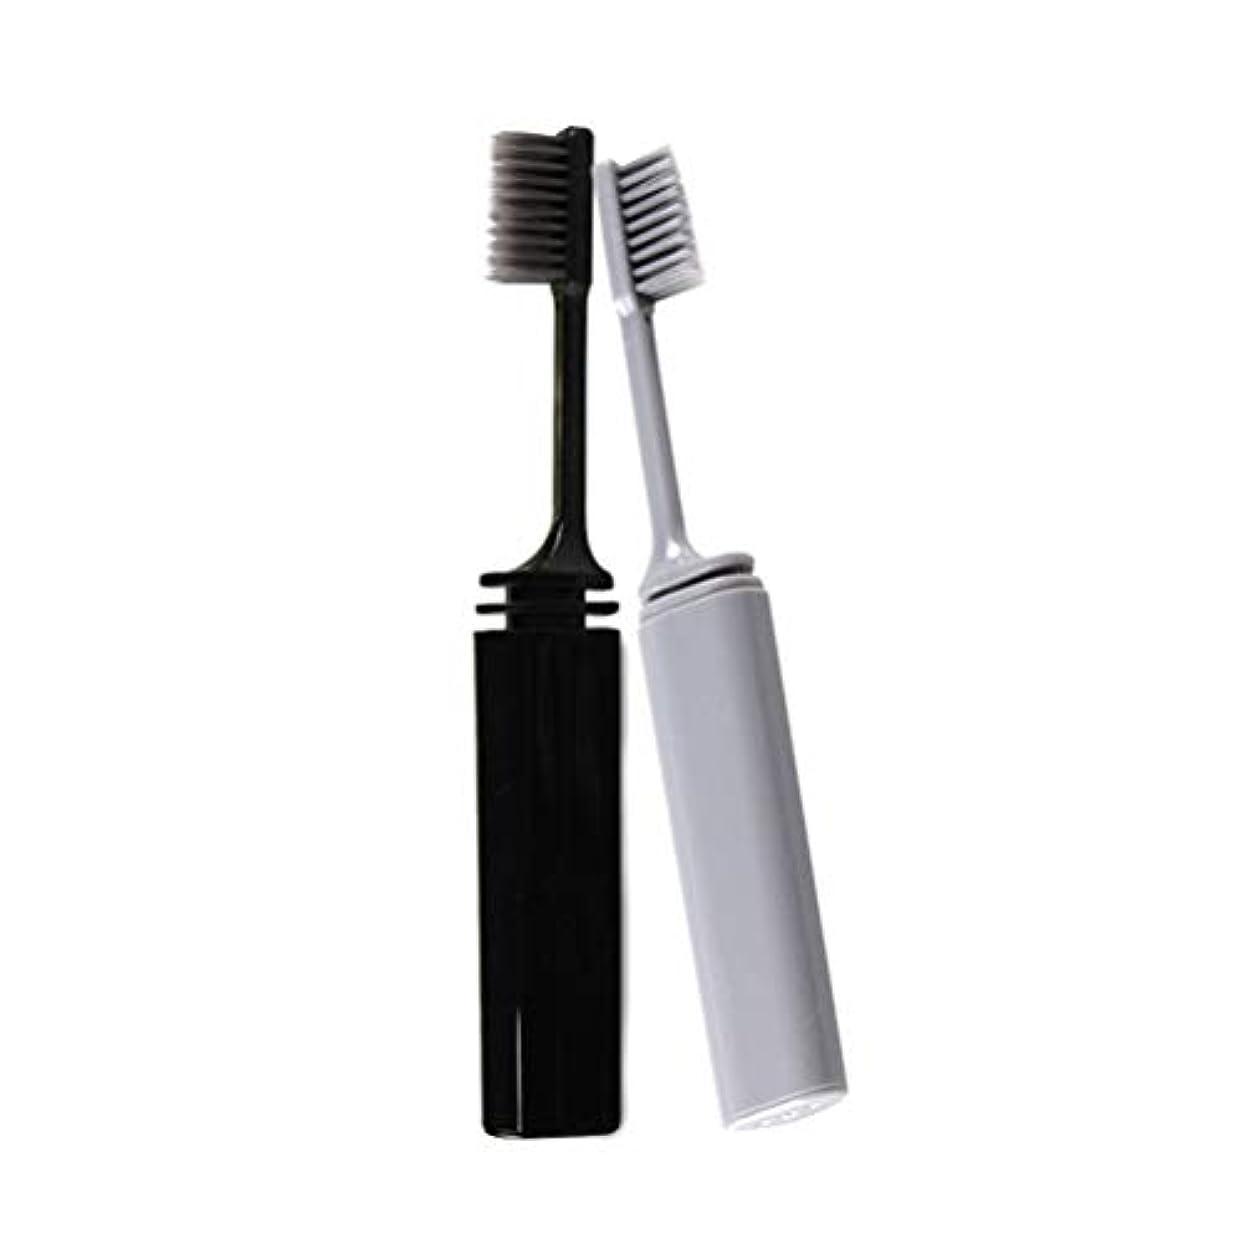 宝フクロウ冒険Healifty 旅行用携帯用歯ブラシ折りたたみ竹炭歯ブラシ2本(グレー+ブラック)